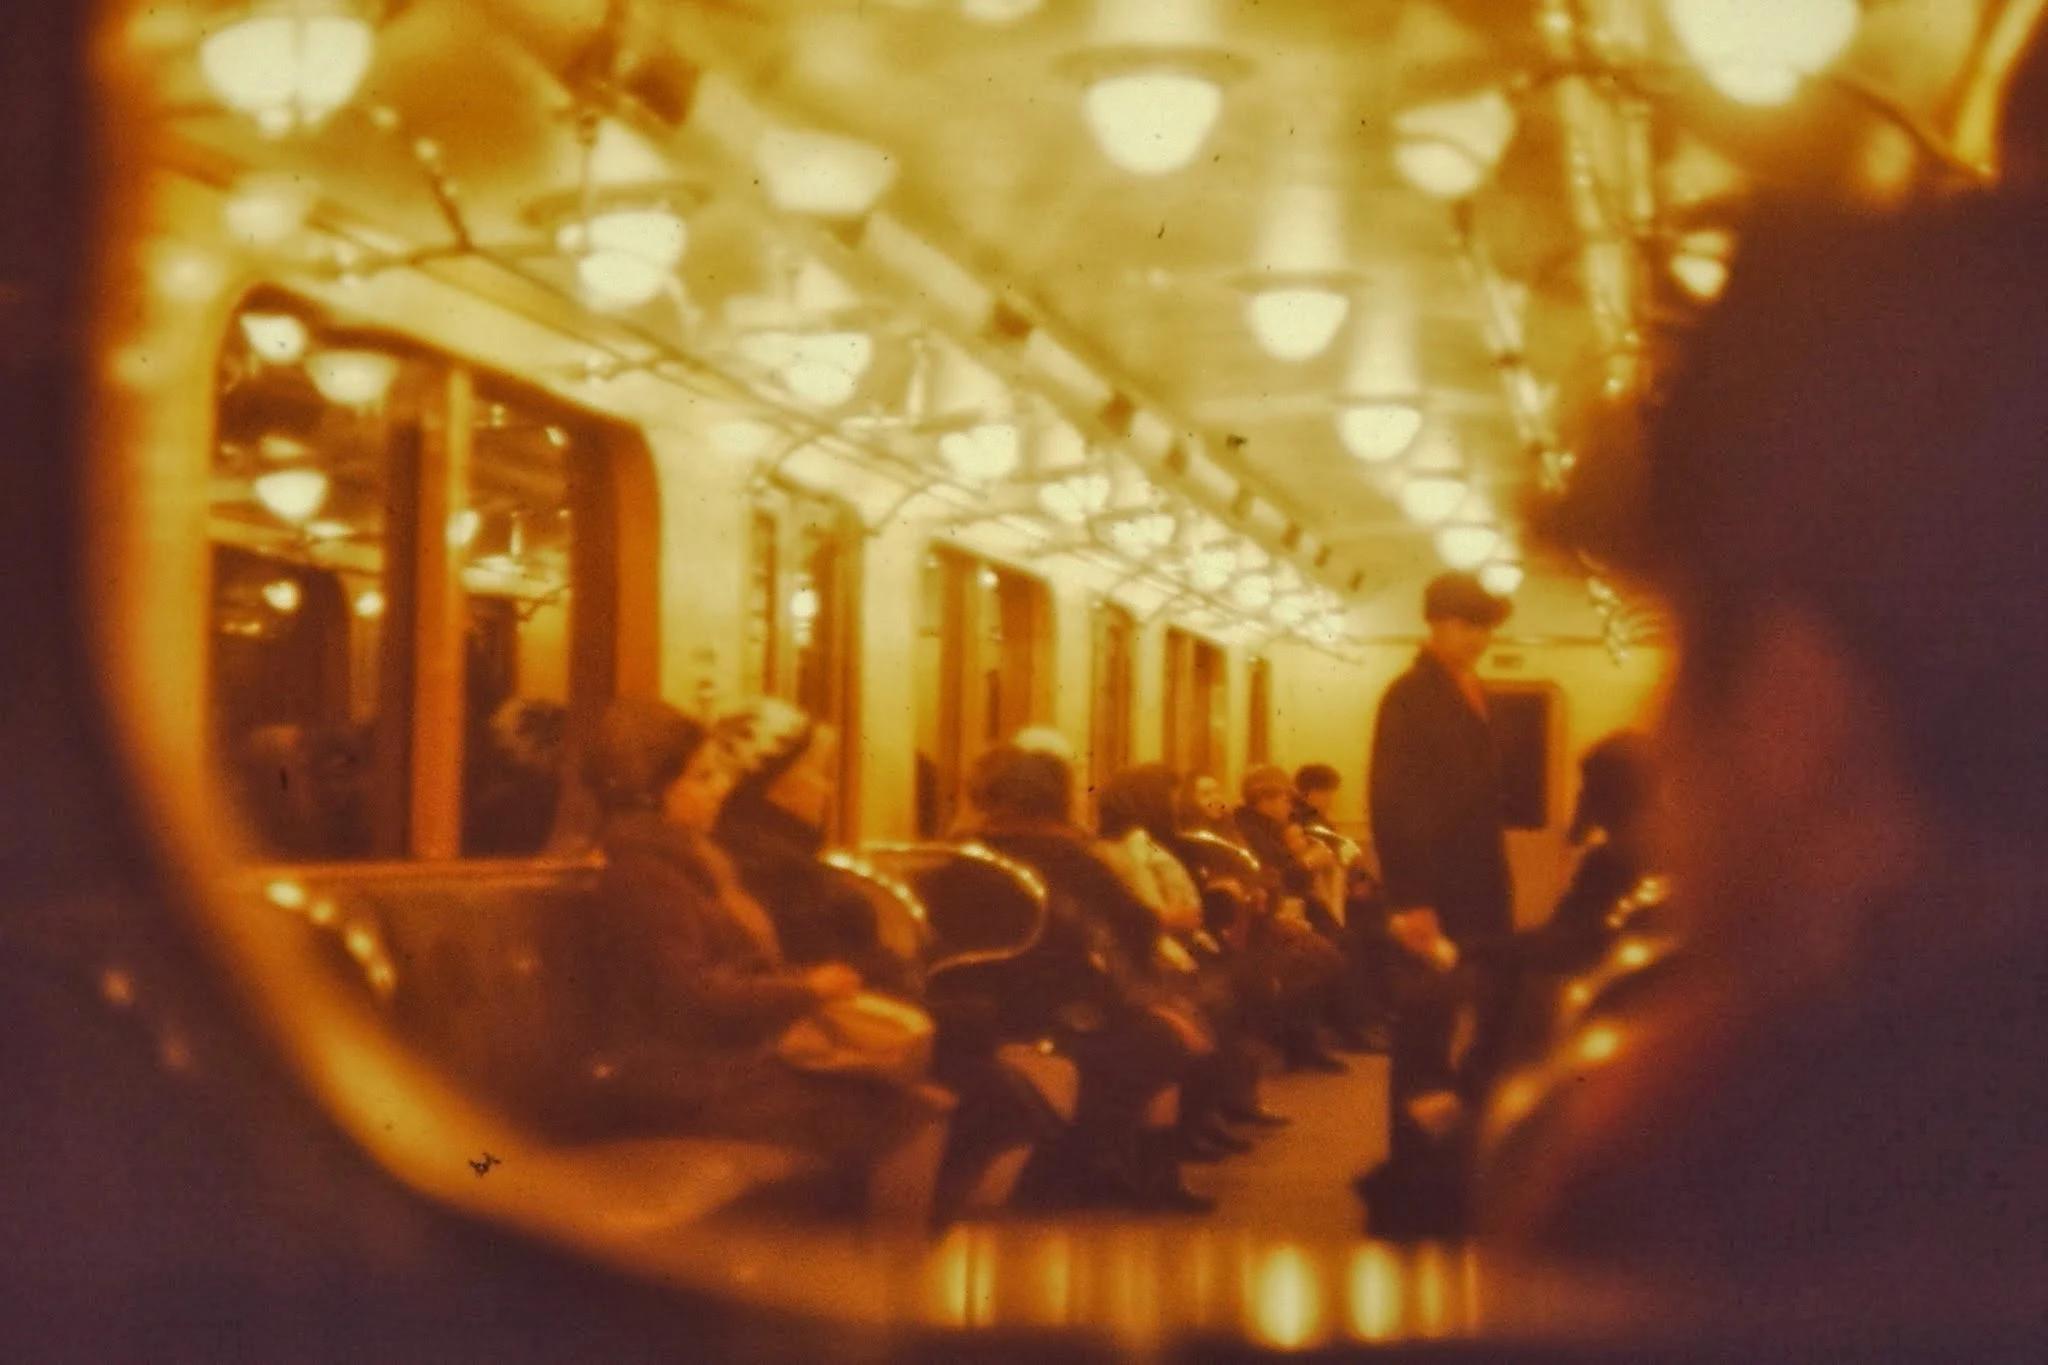 Метрополитен, метро, которое находится на глубине сто метров в болотистой местности